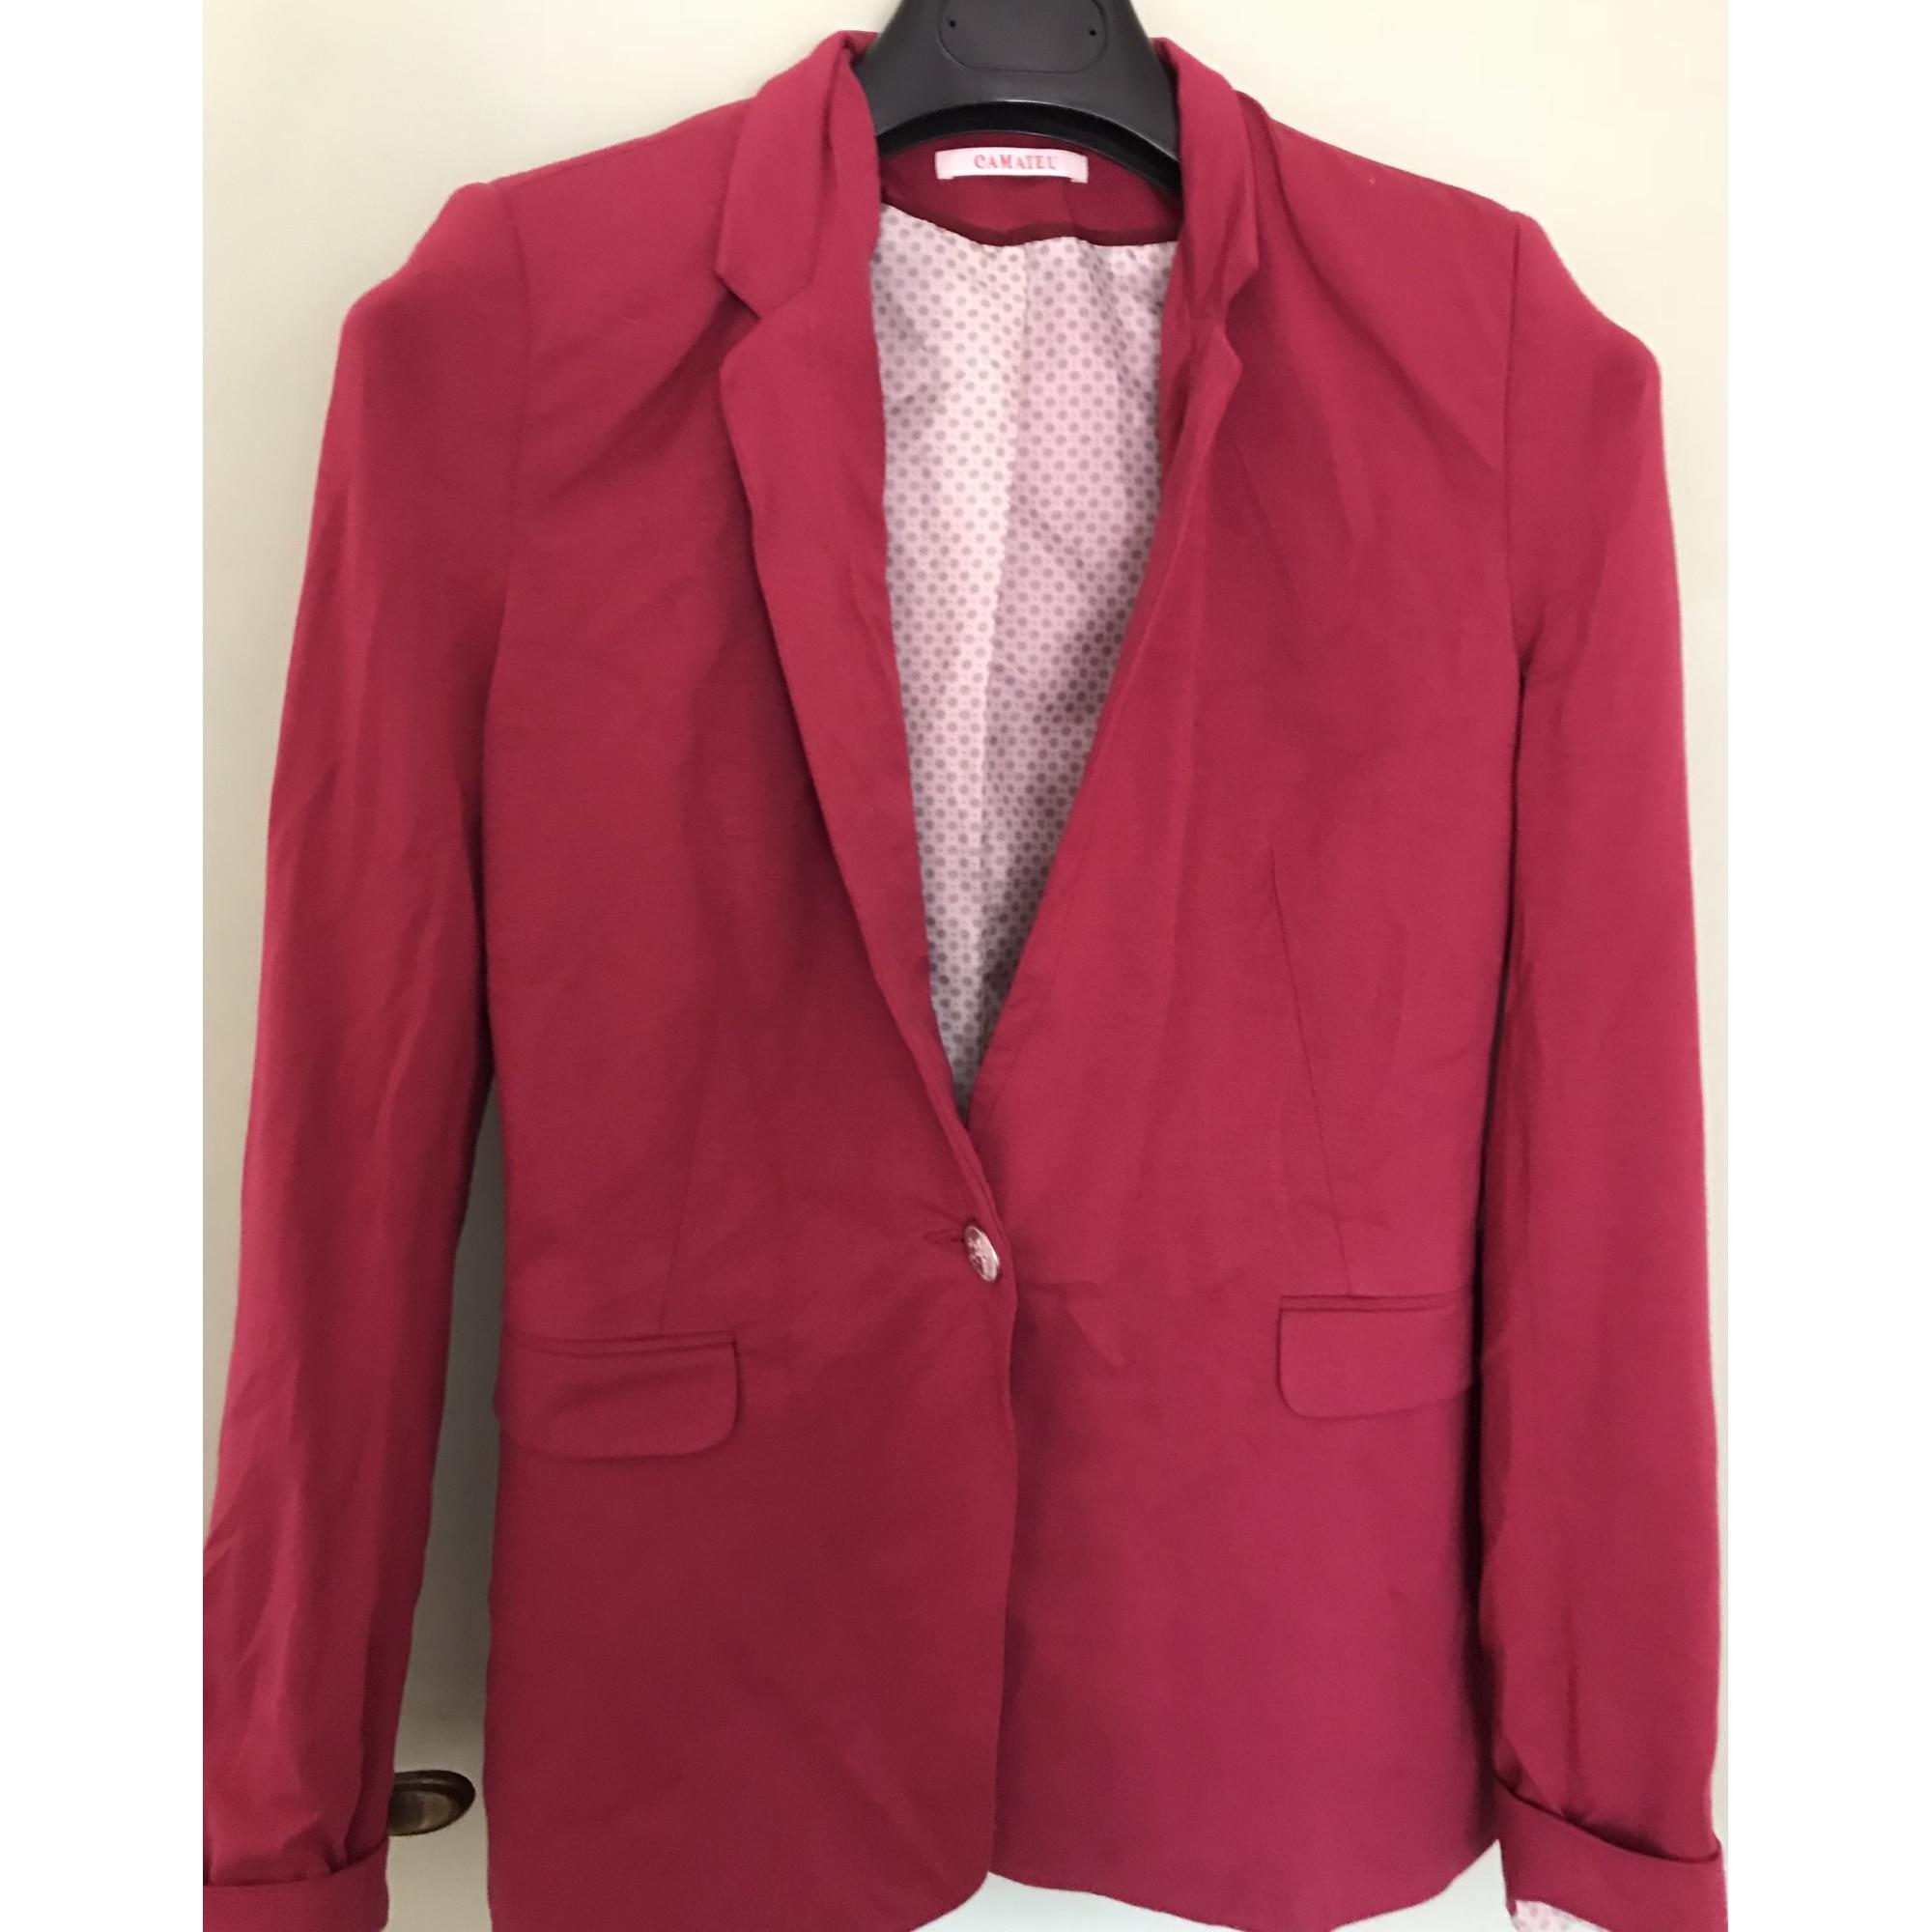 Blazer, veste tailleur CAMAIEU 38 (M, T2) rose 6775359